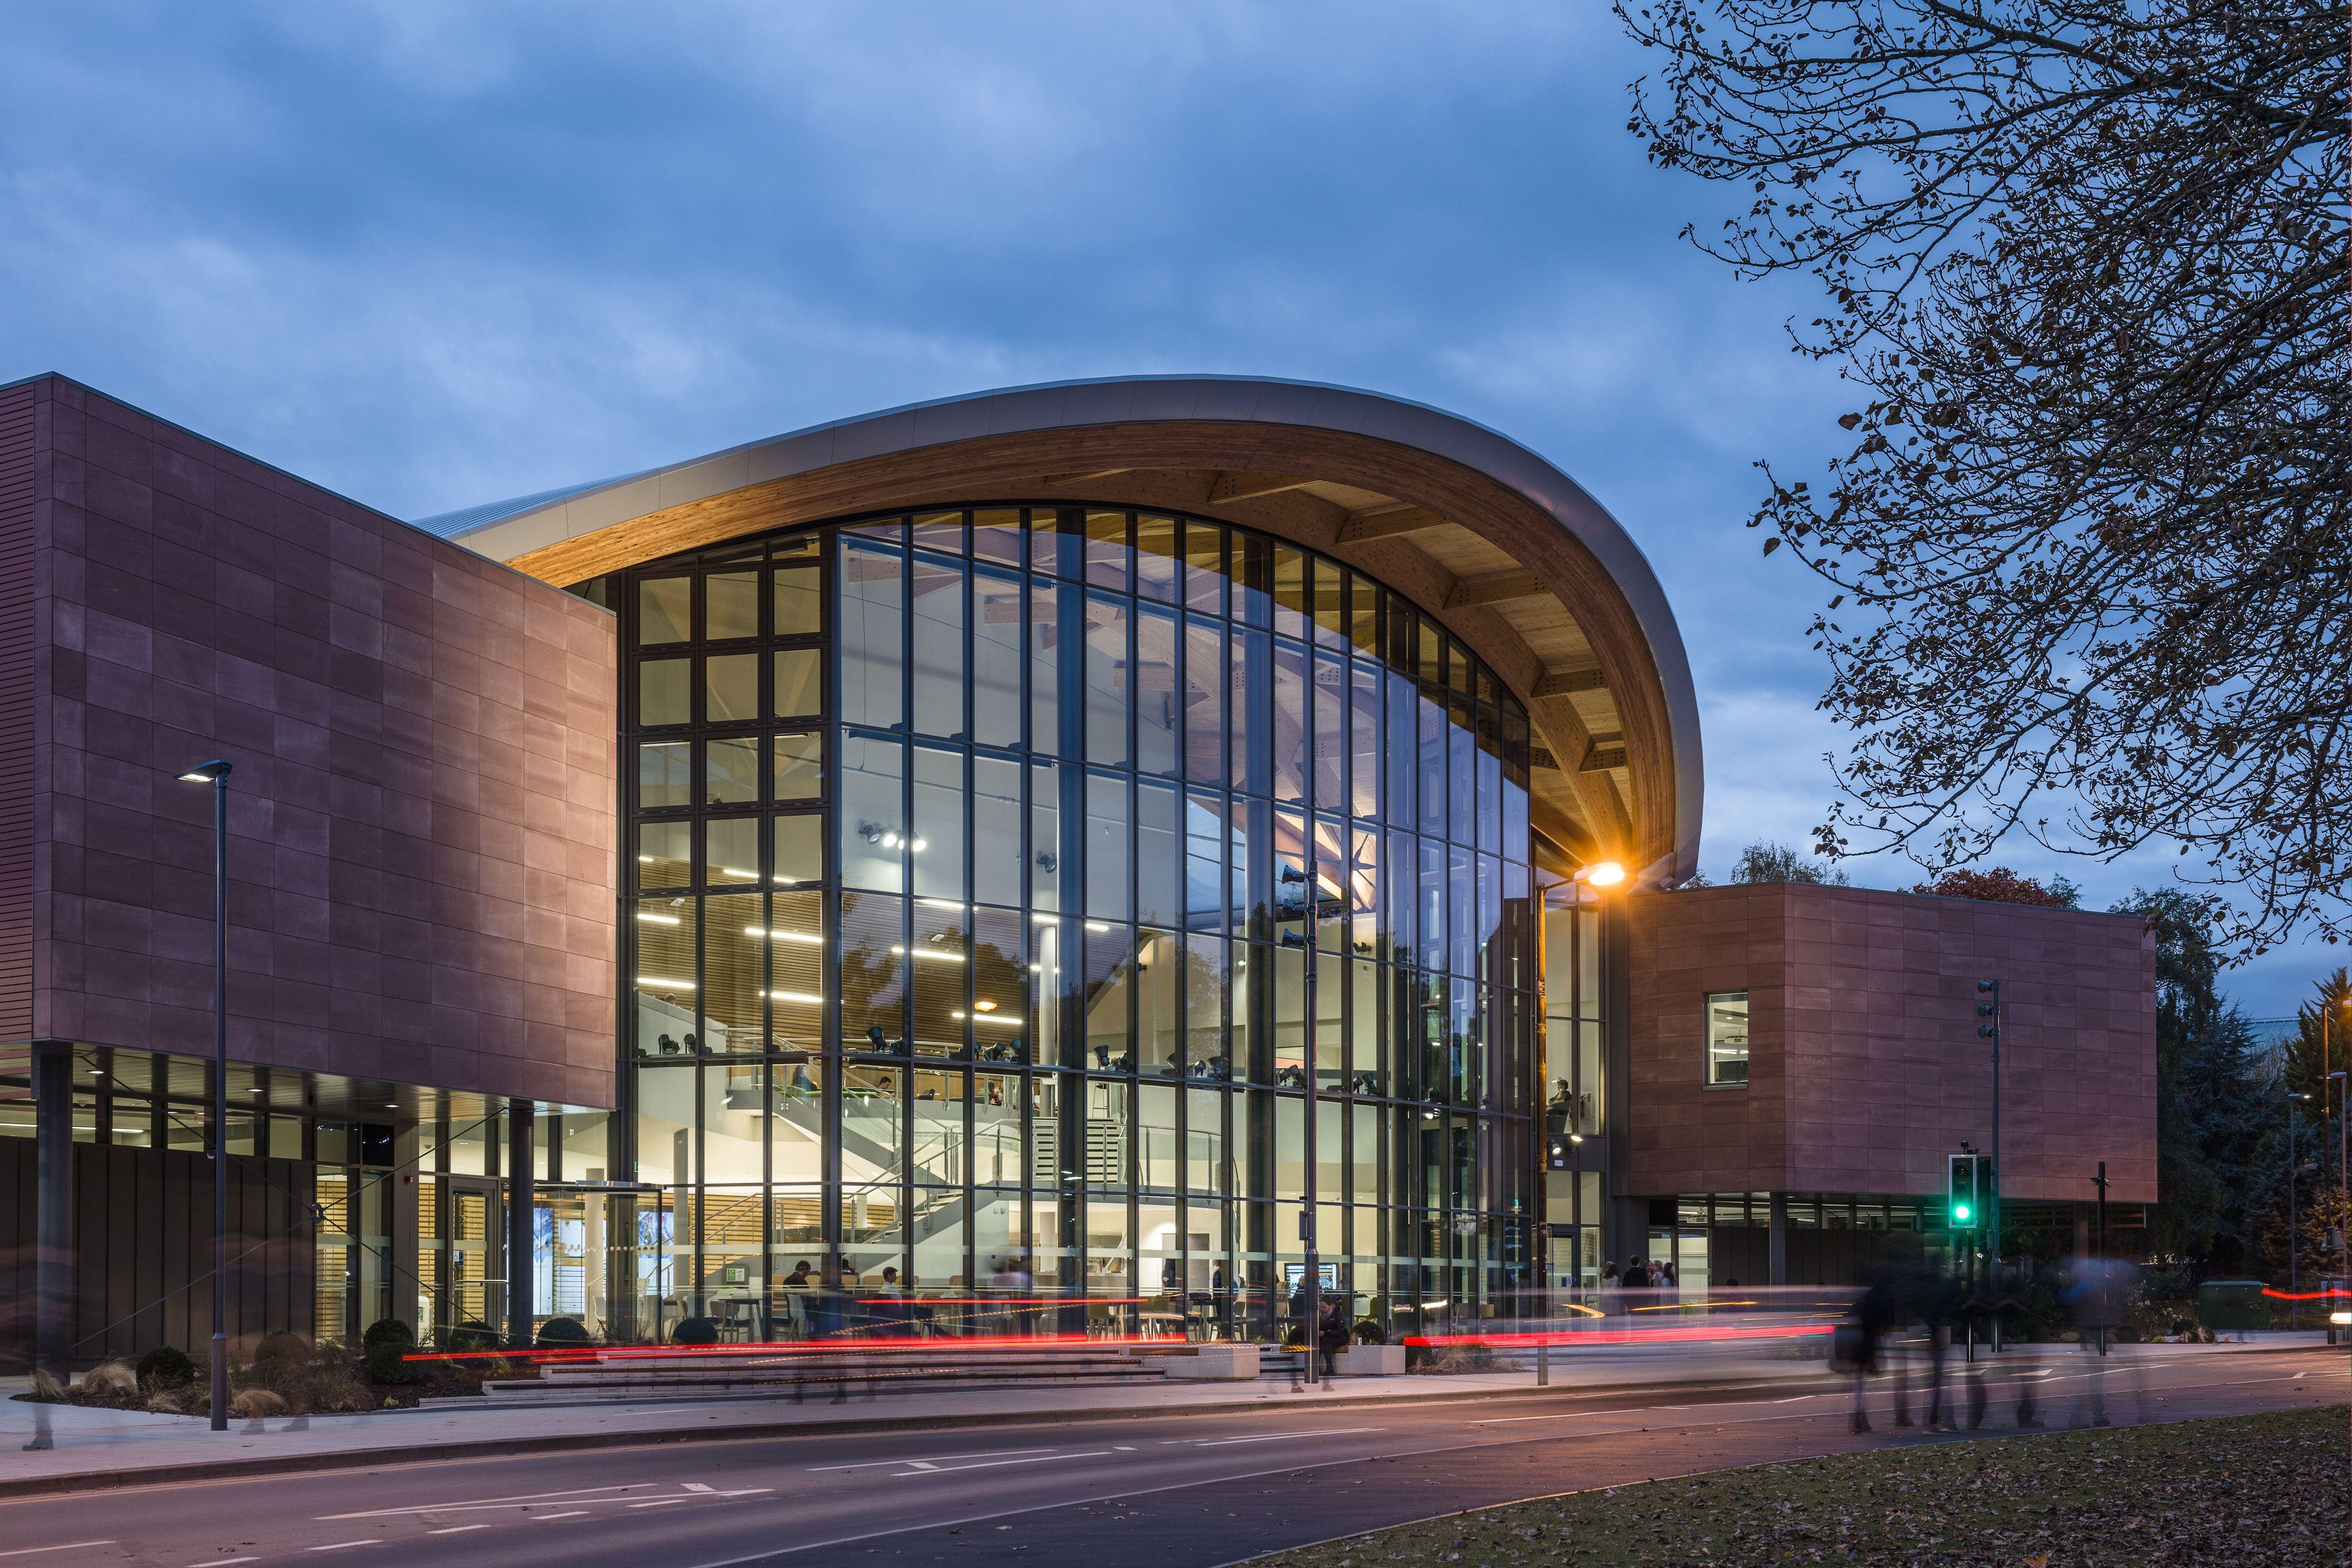 University of Warwick - Wikipedia